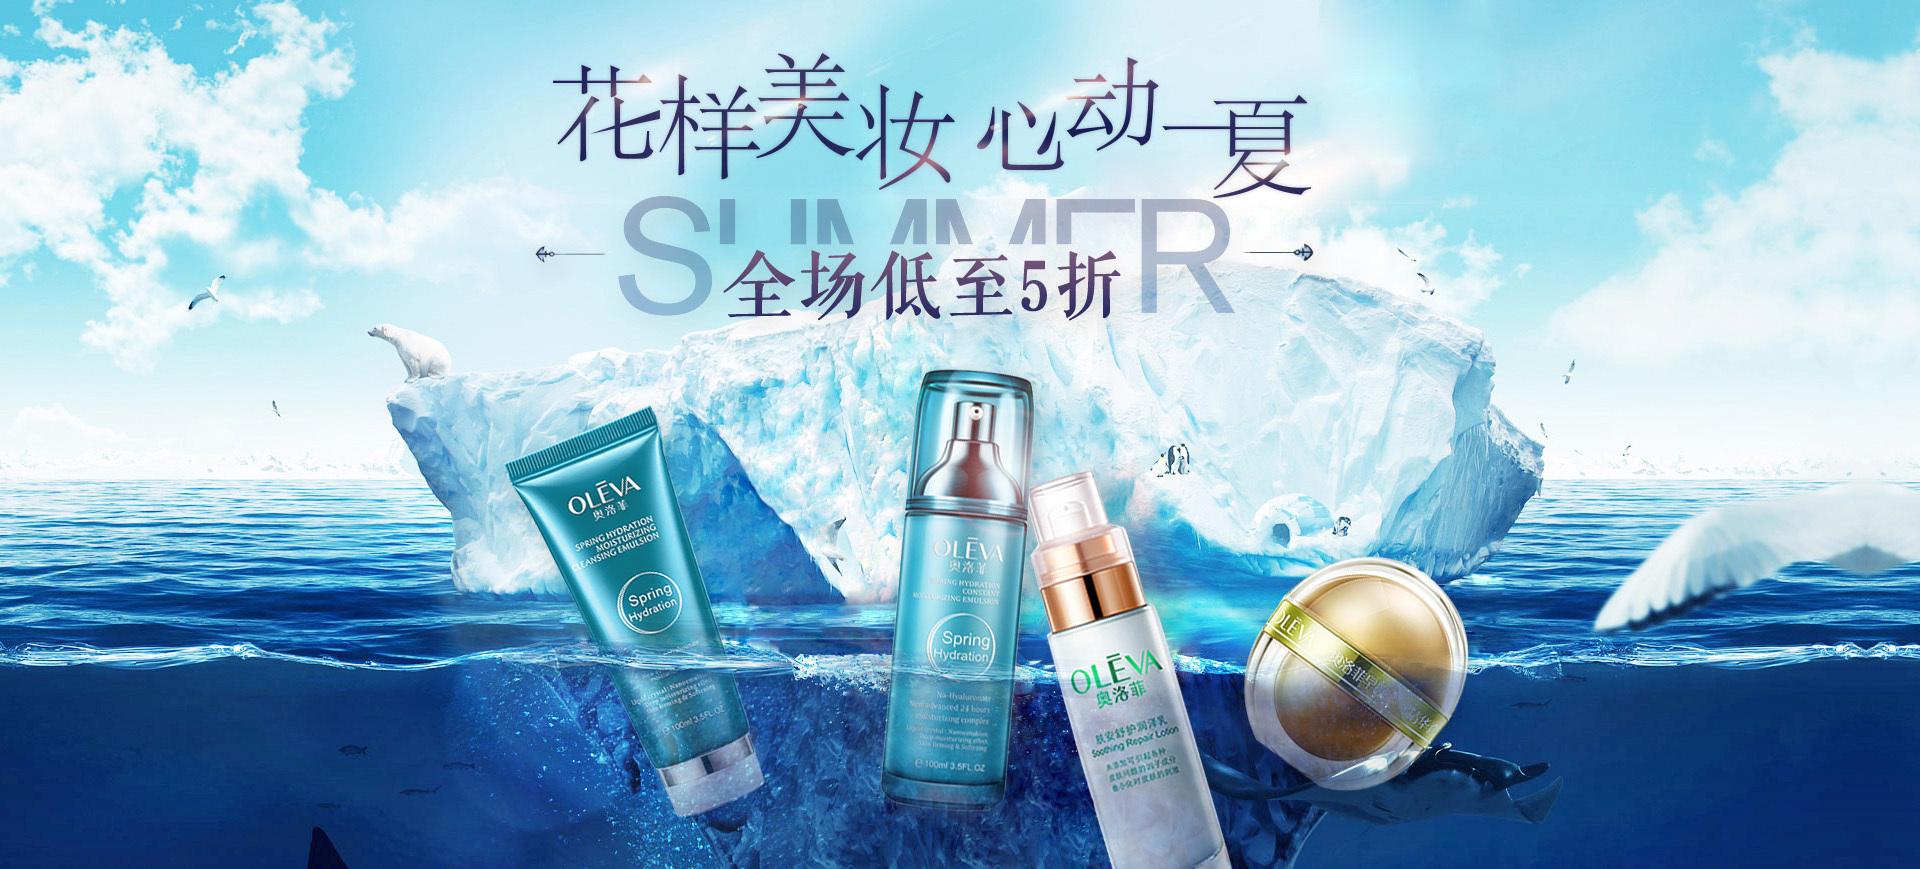 护肤品产品海报大图图片